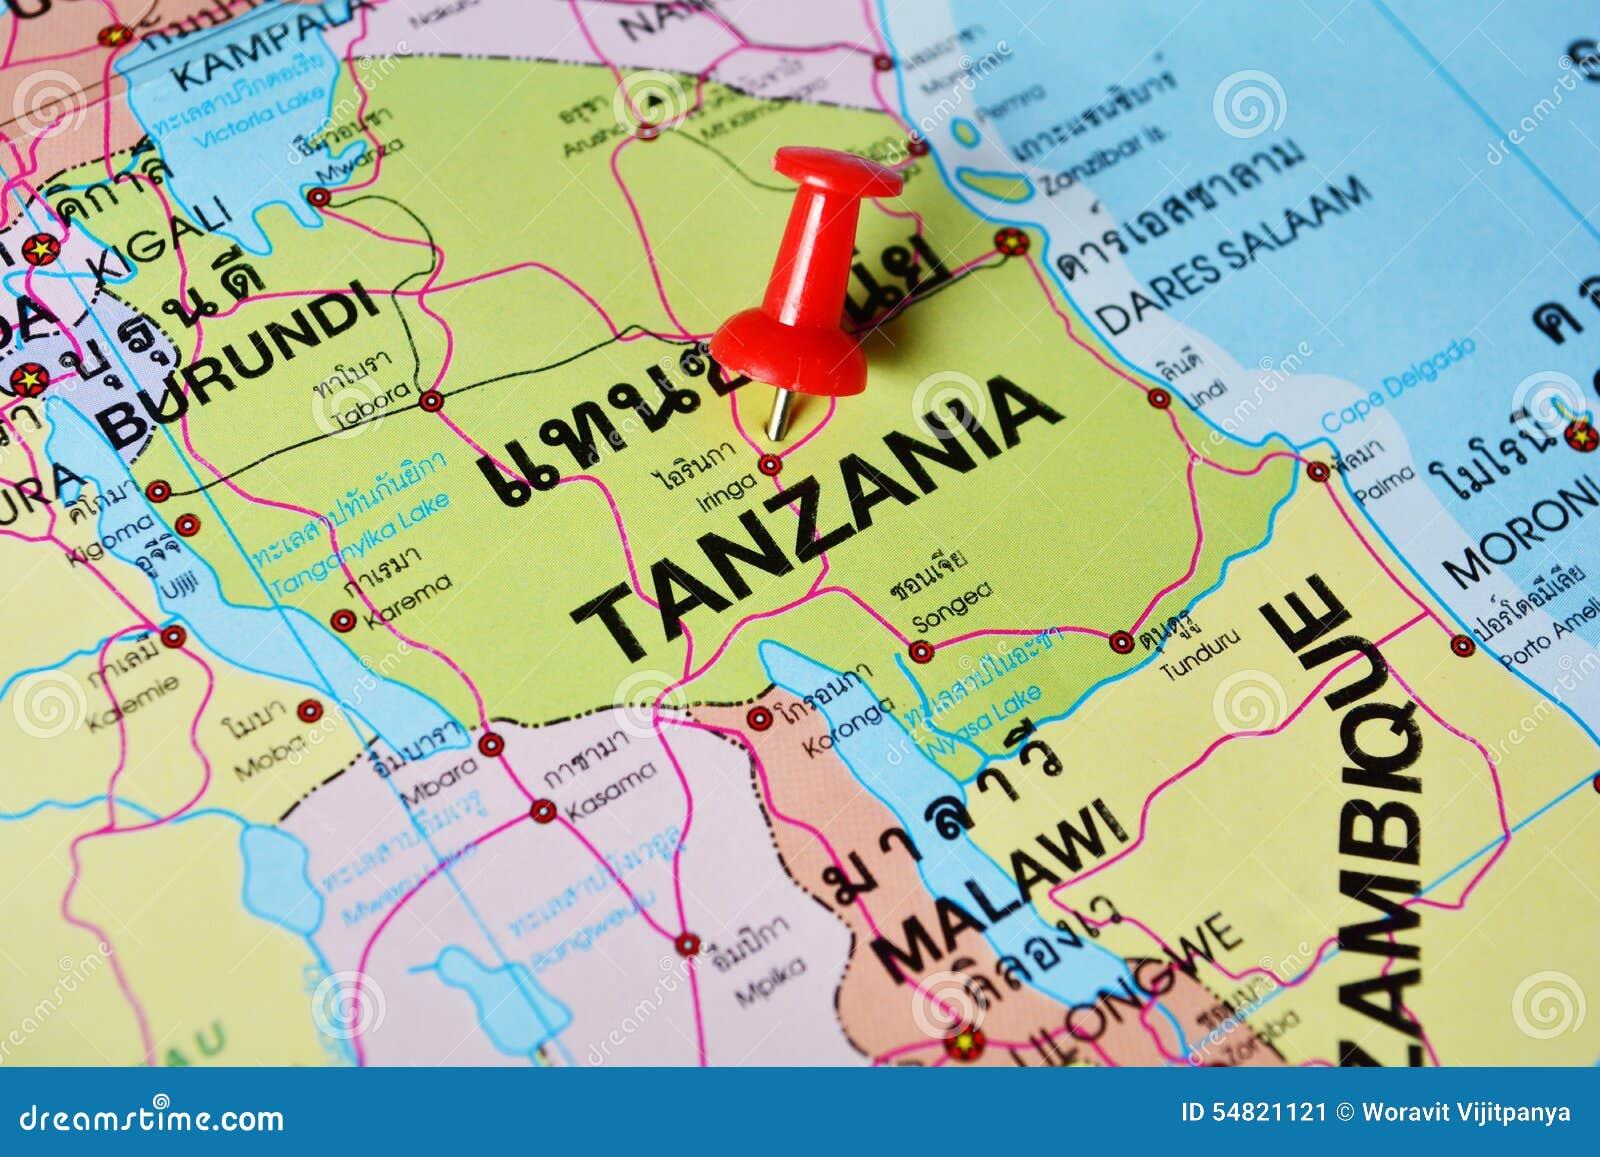 Tanzania Map Stock Photos Download Images - Tanzania map download